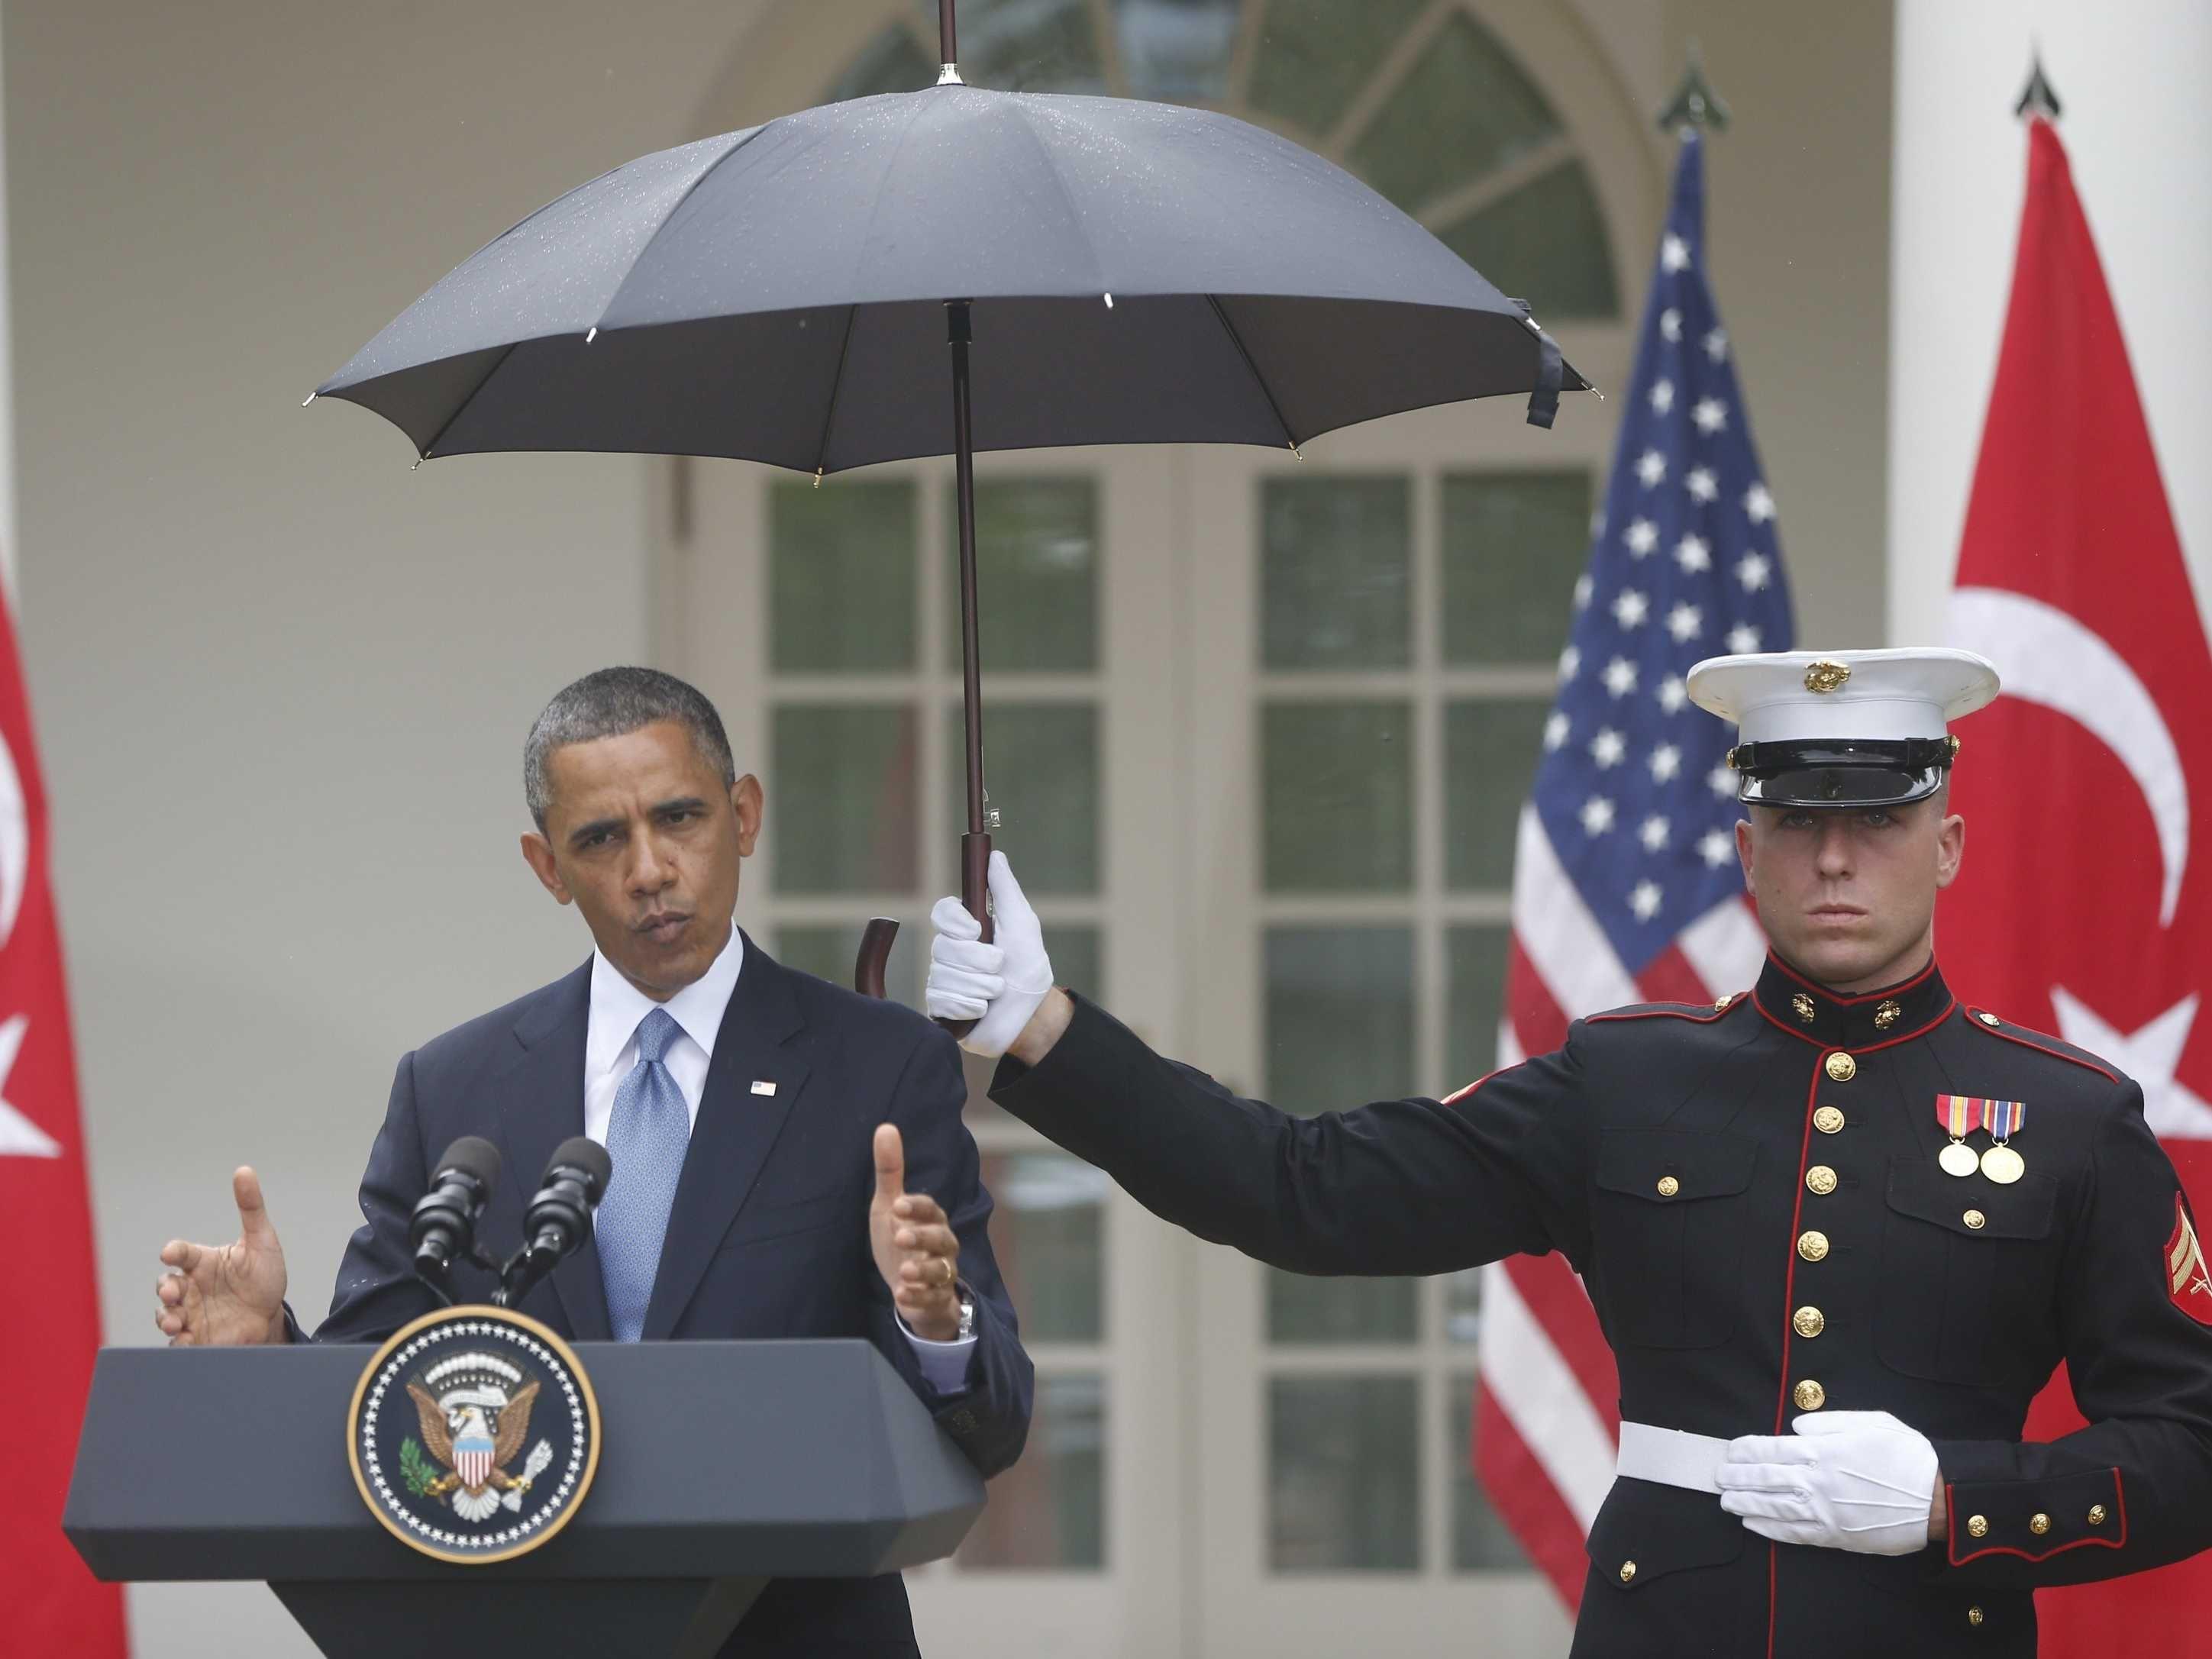 Marine Holding Umbrella For Barack Obama